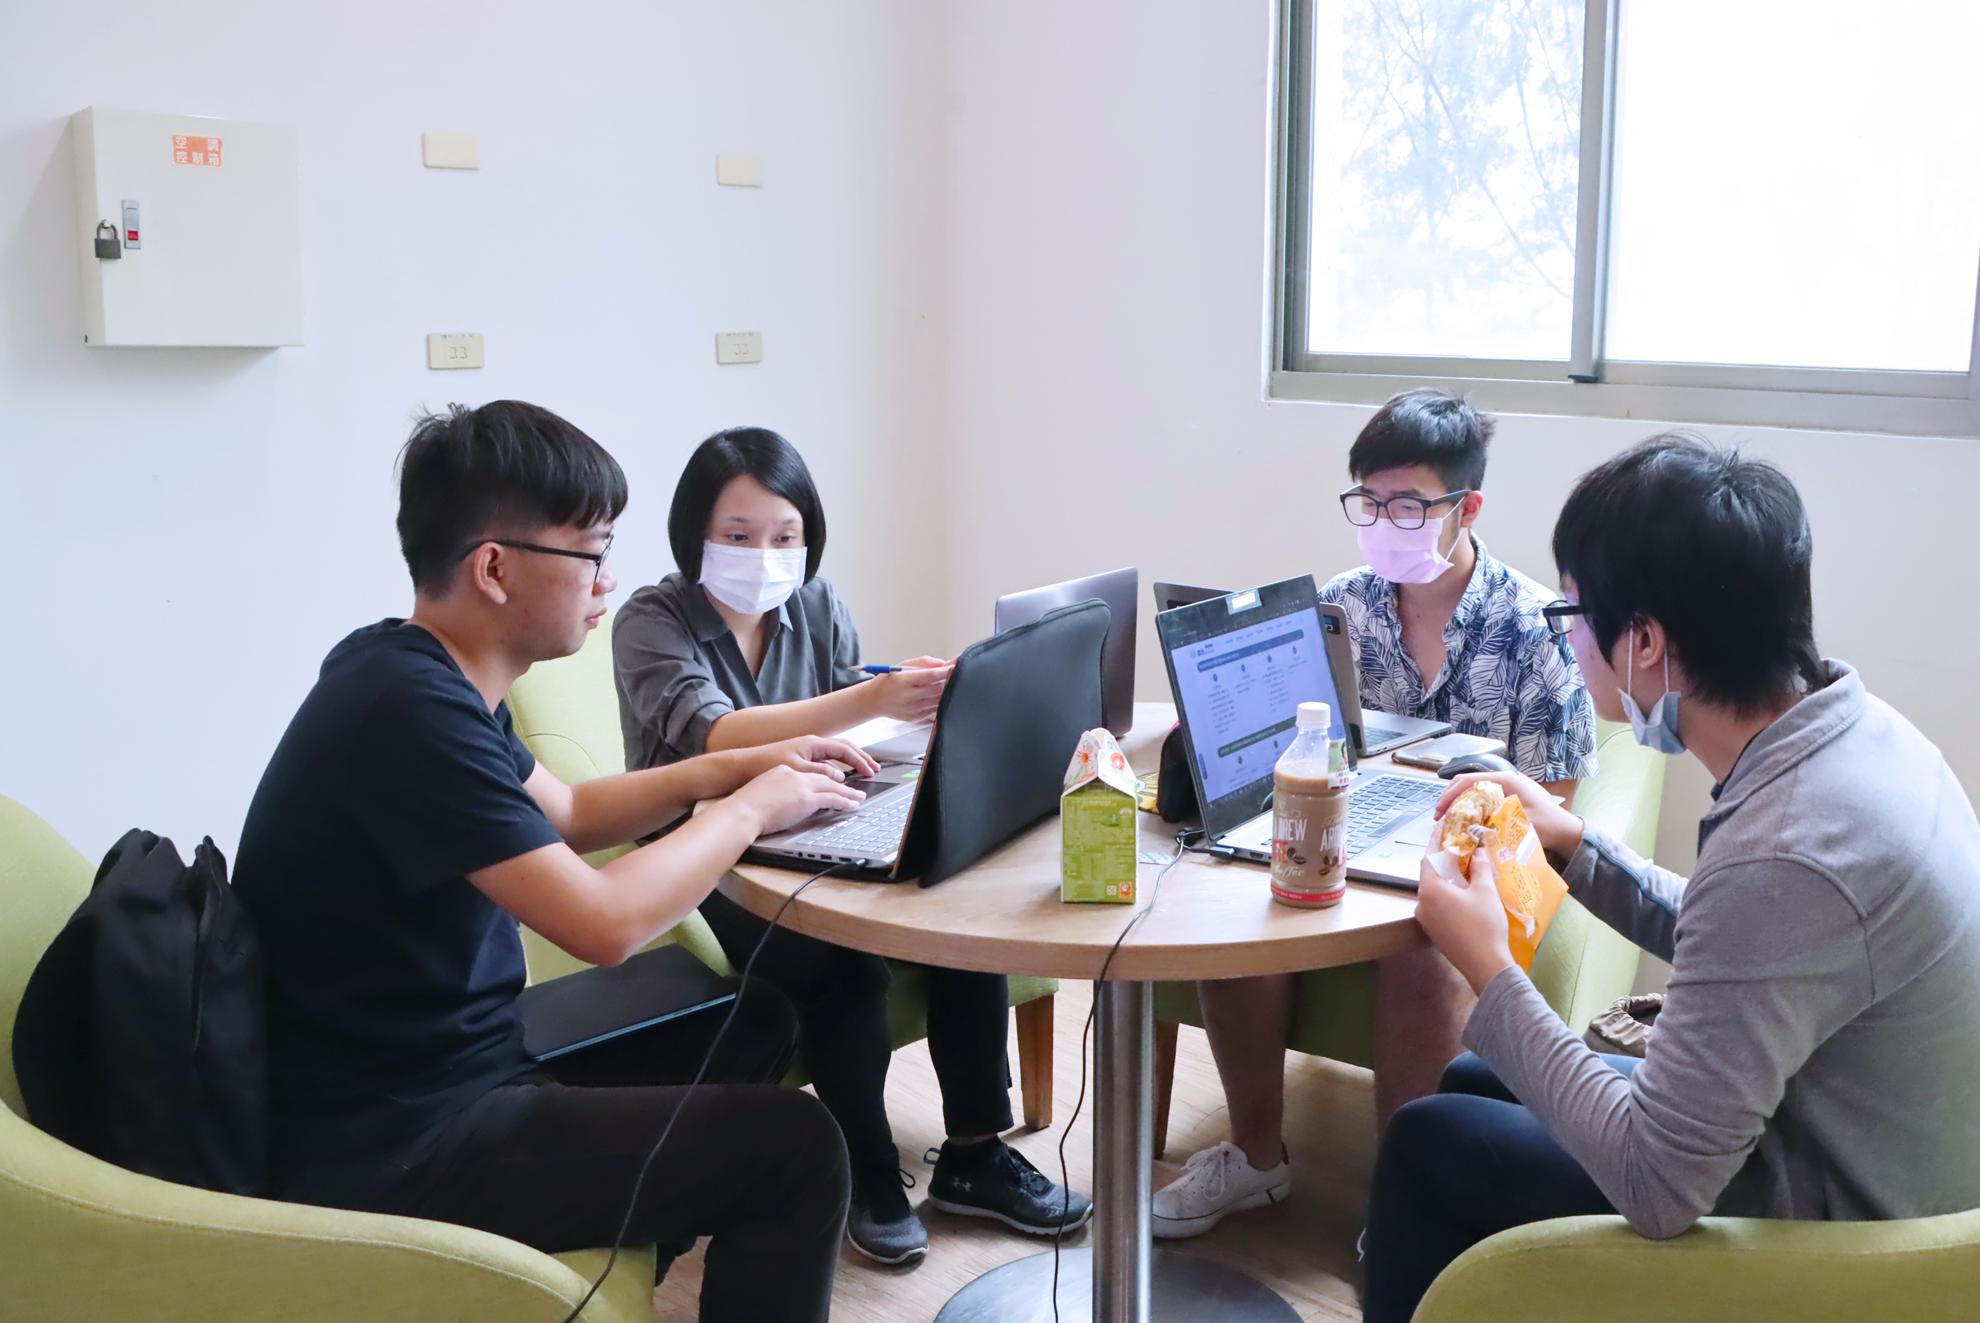 中信金融管理學院新創基地策展工作坊 打造基地歸屬感-AI